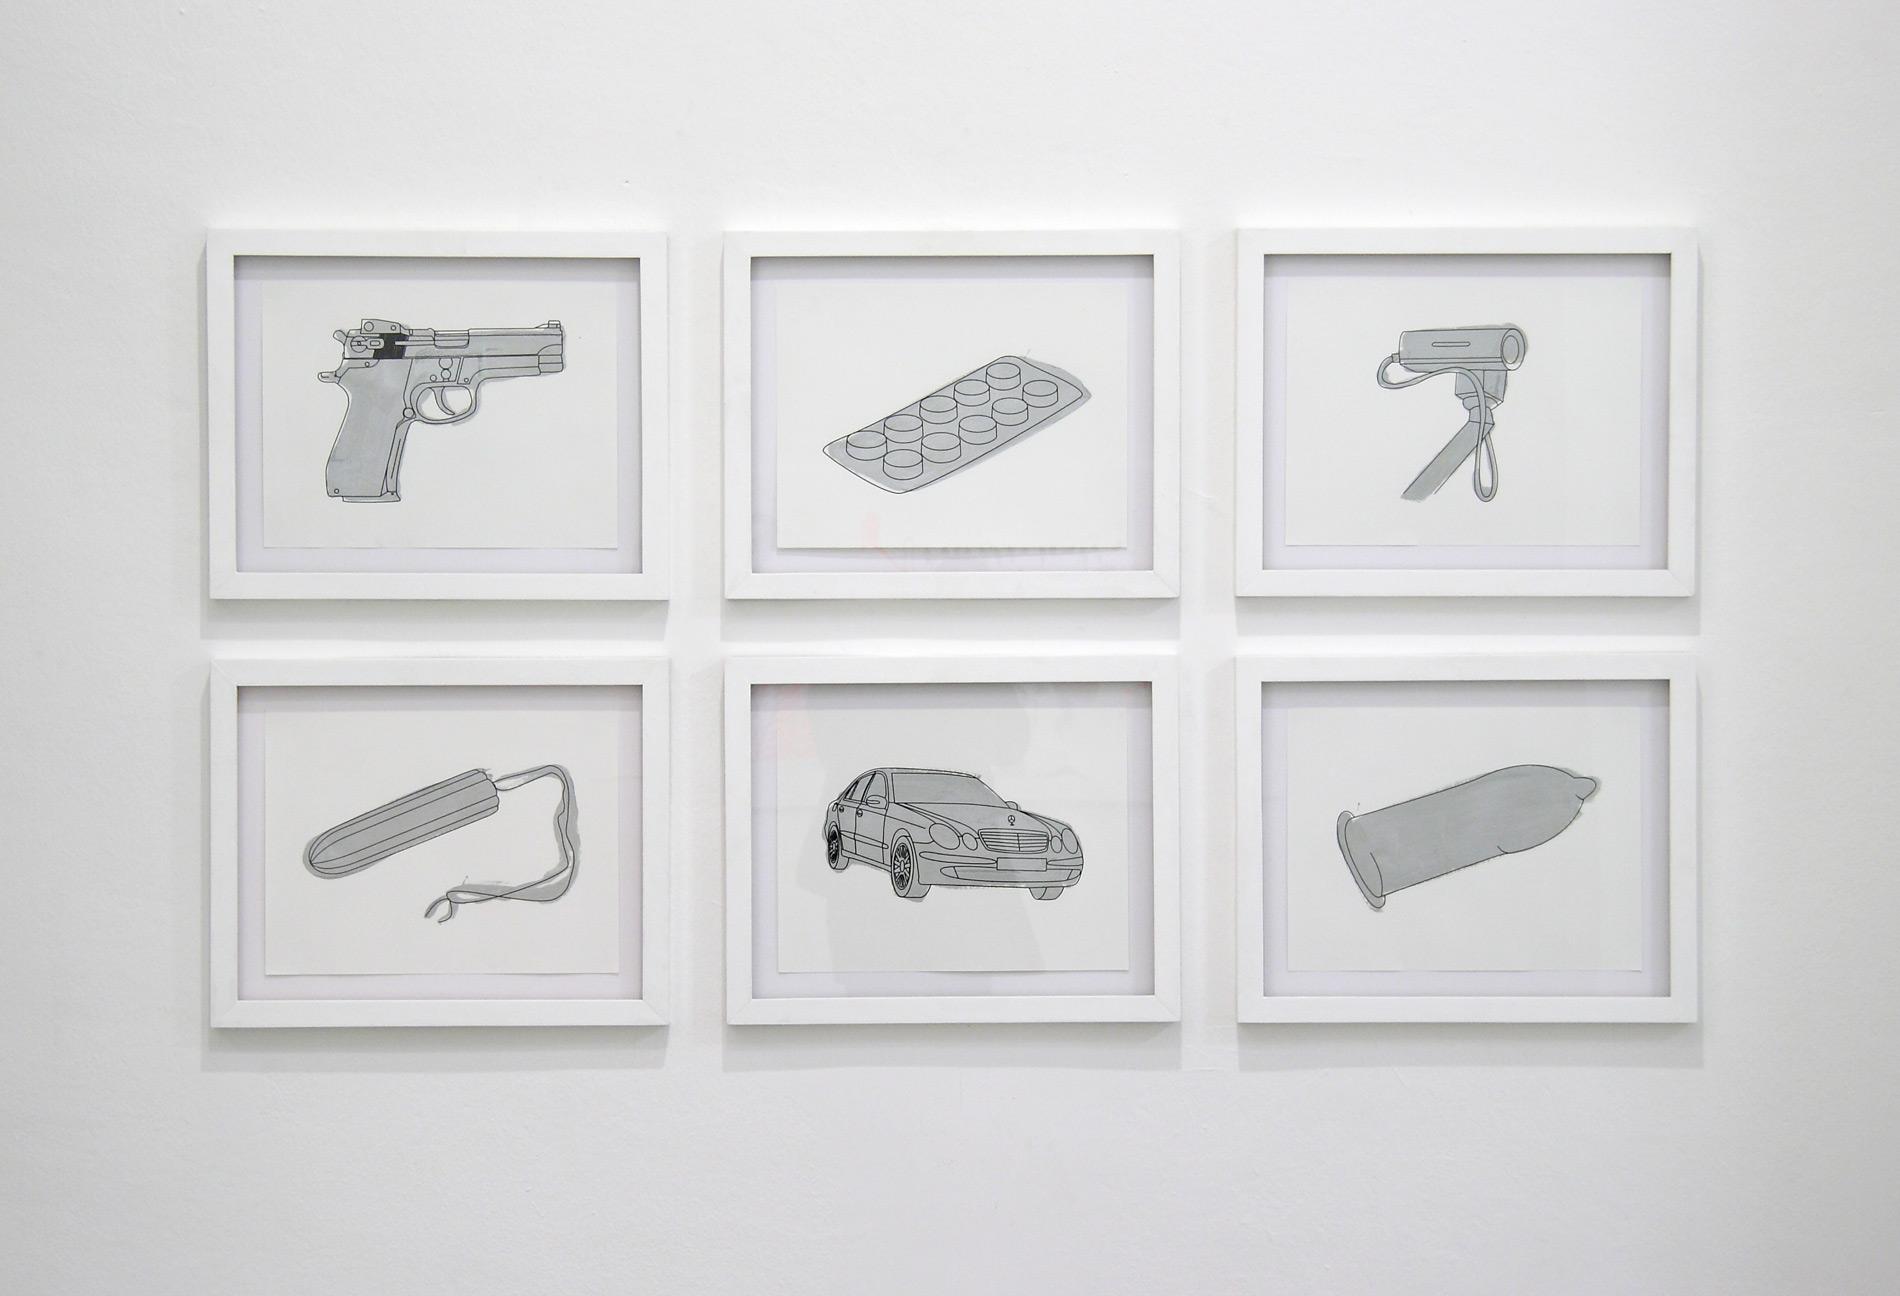 Michael Göbel - Die Sicherheit, 2002